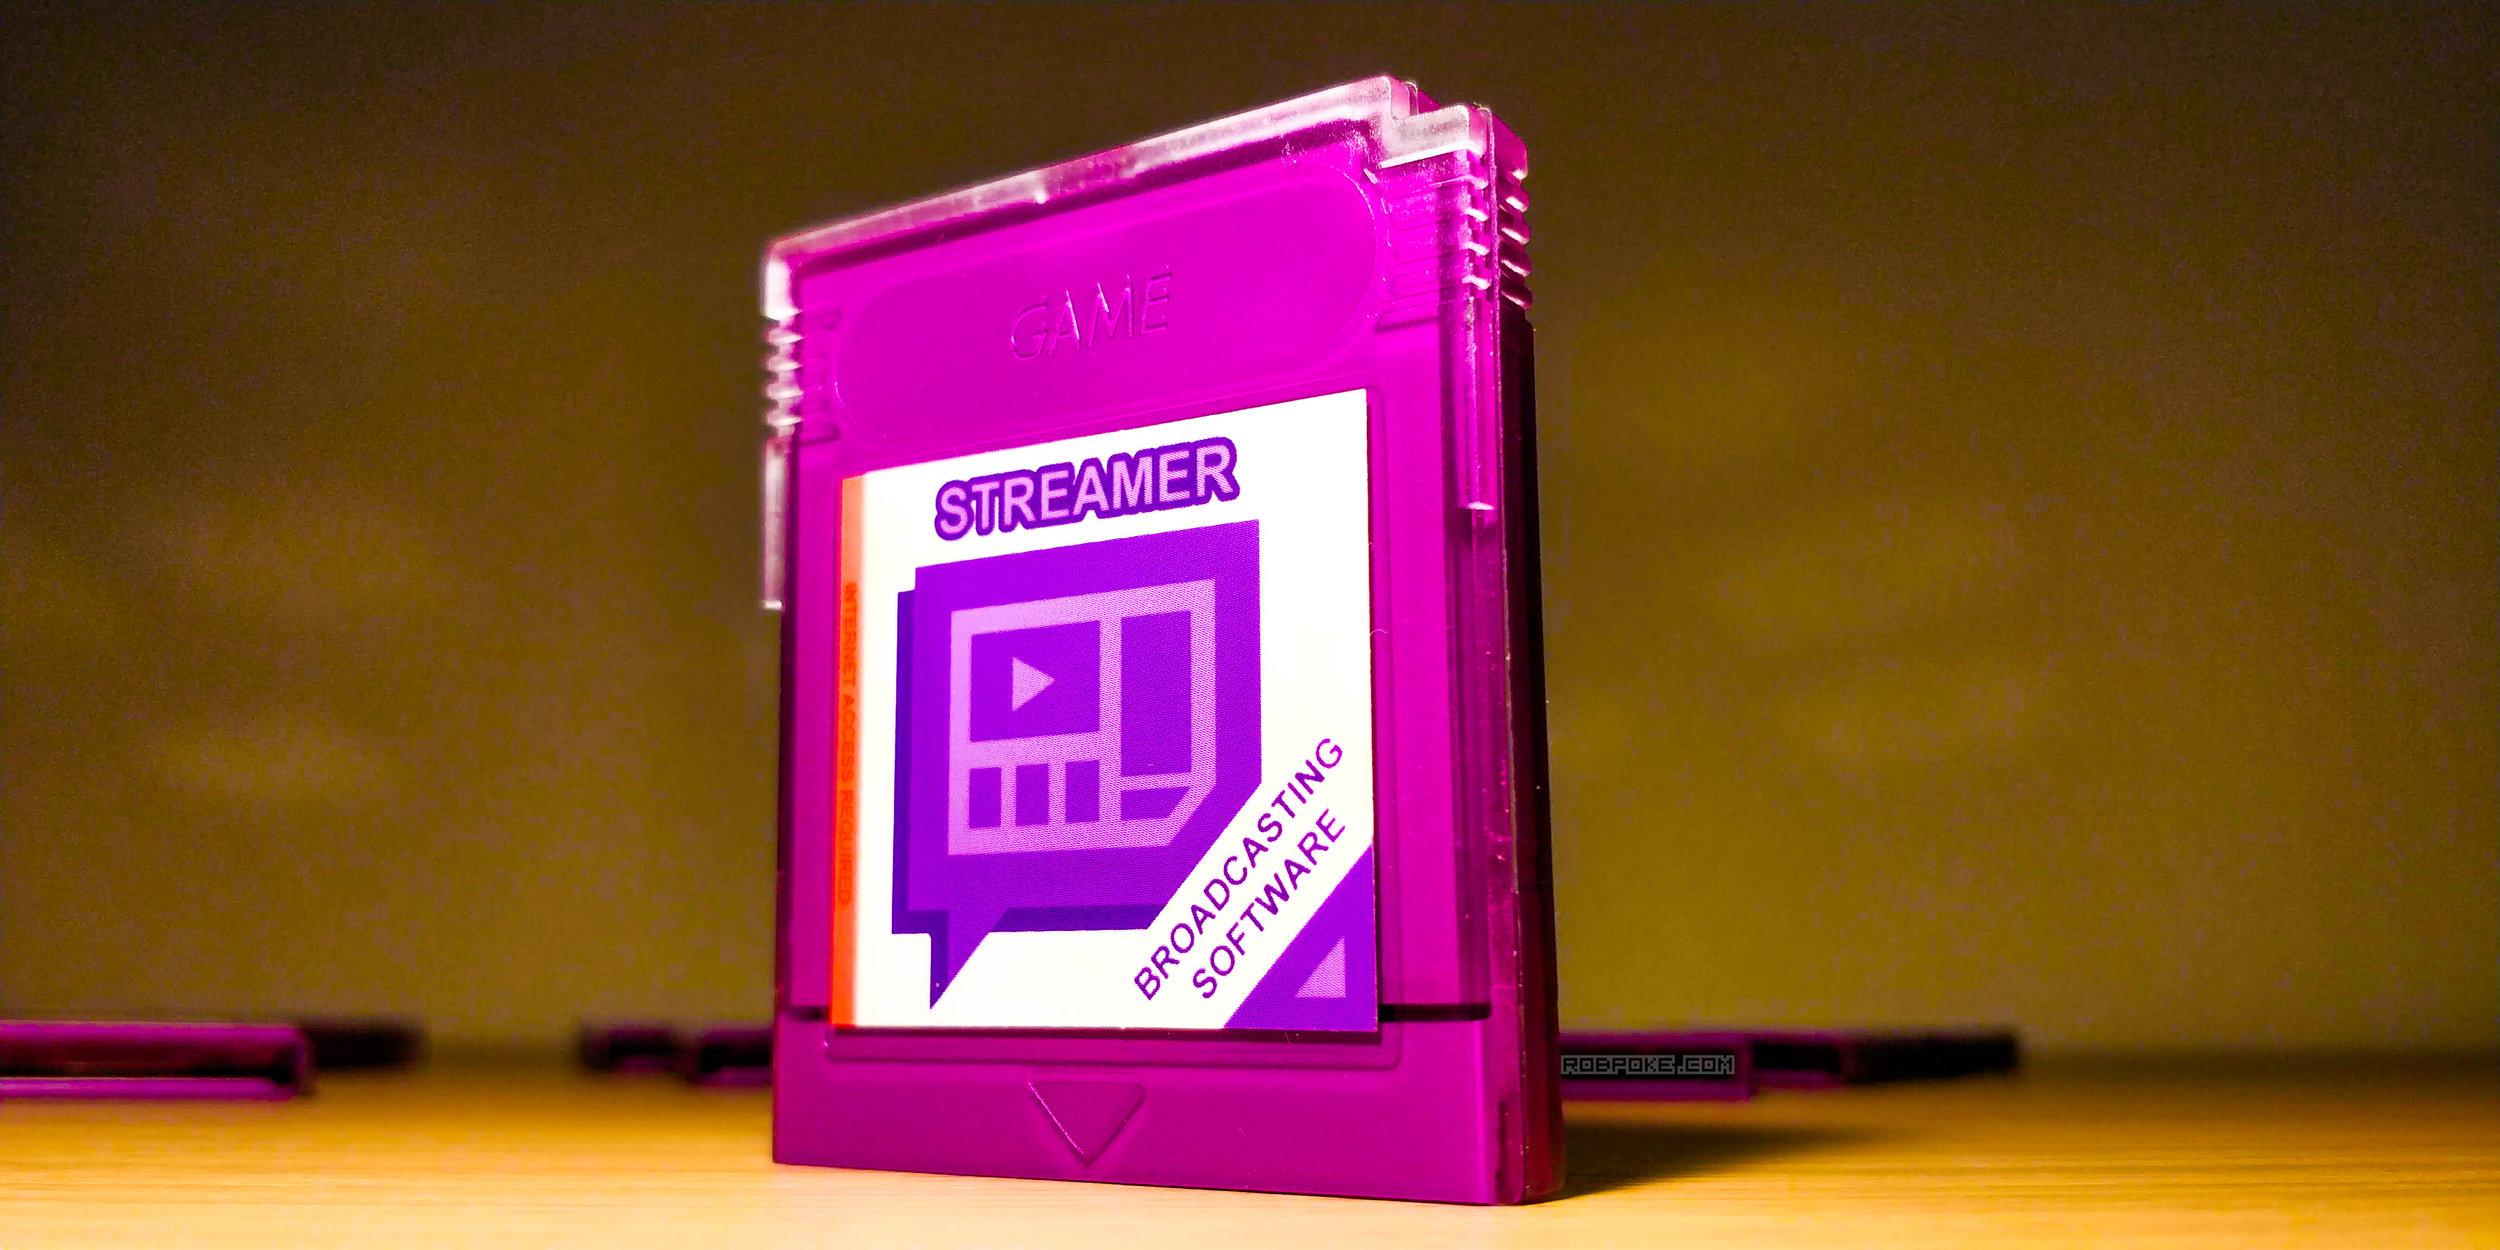 Streamer.jpg